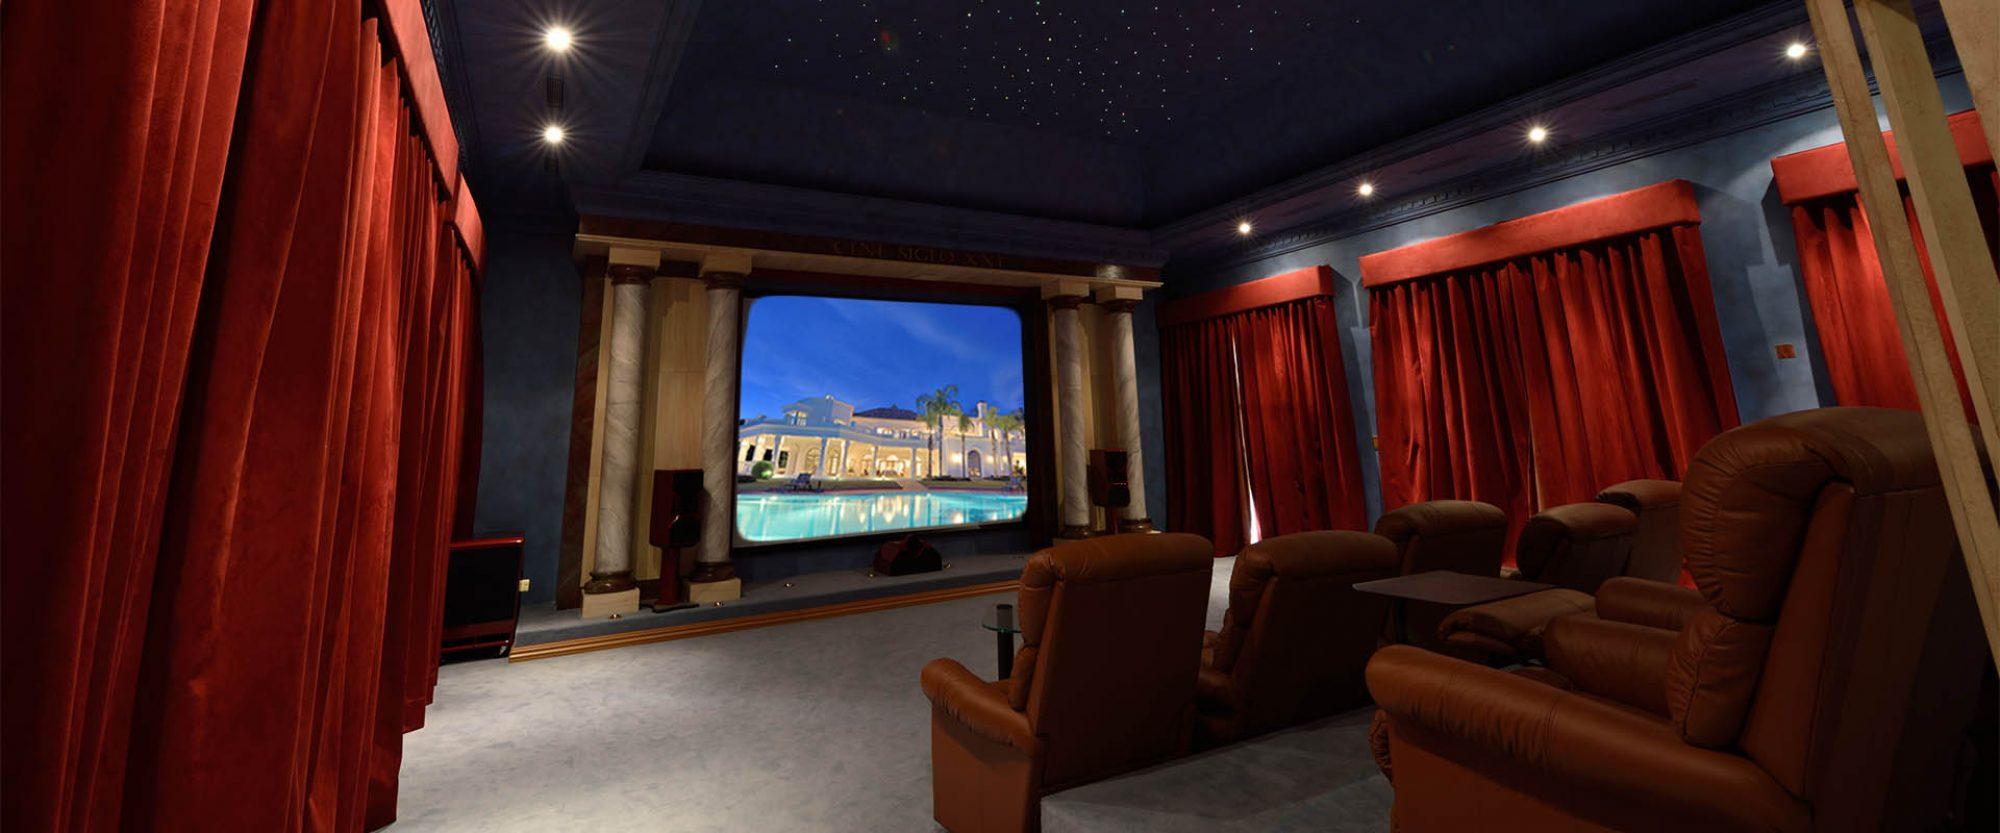 la zagaleta villa cinema 8